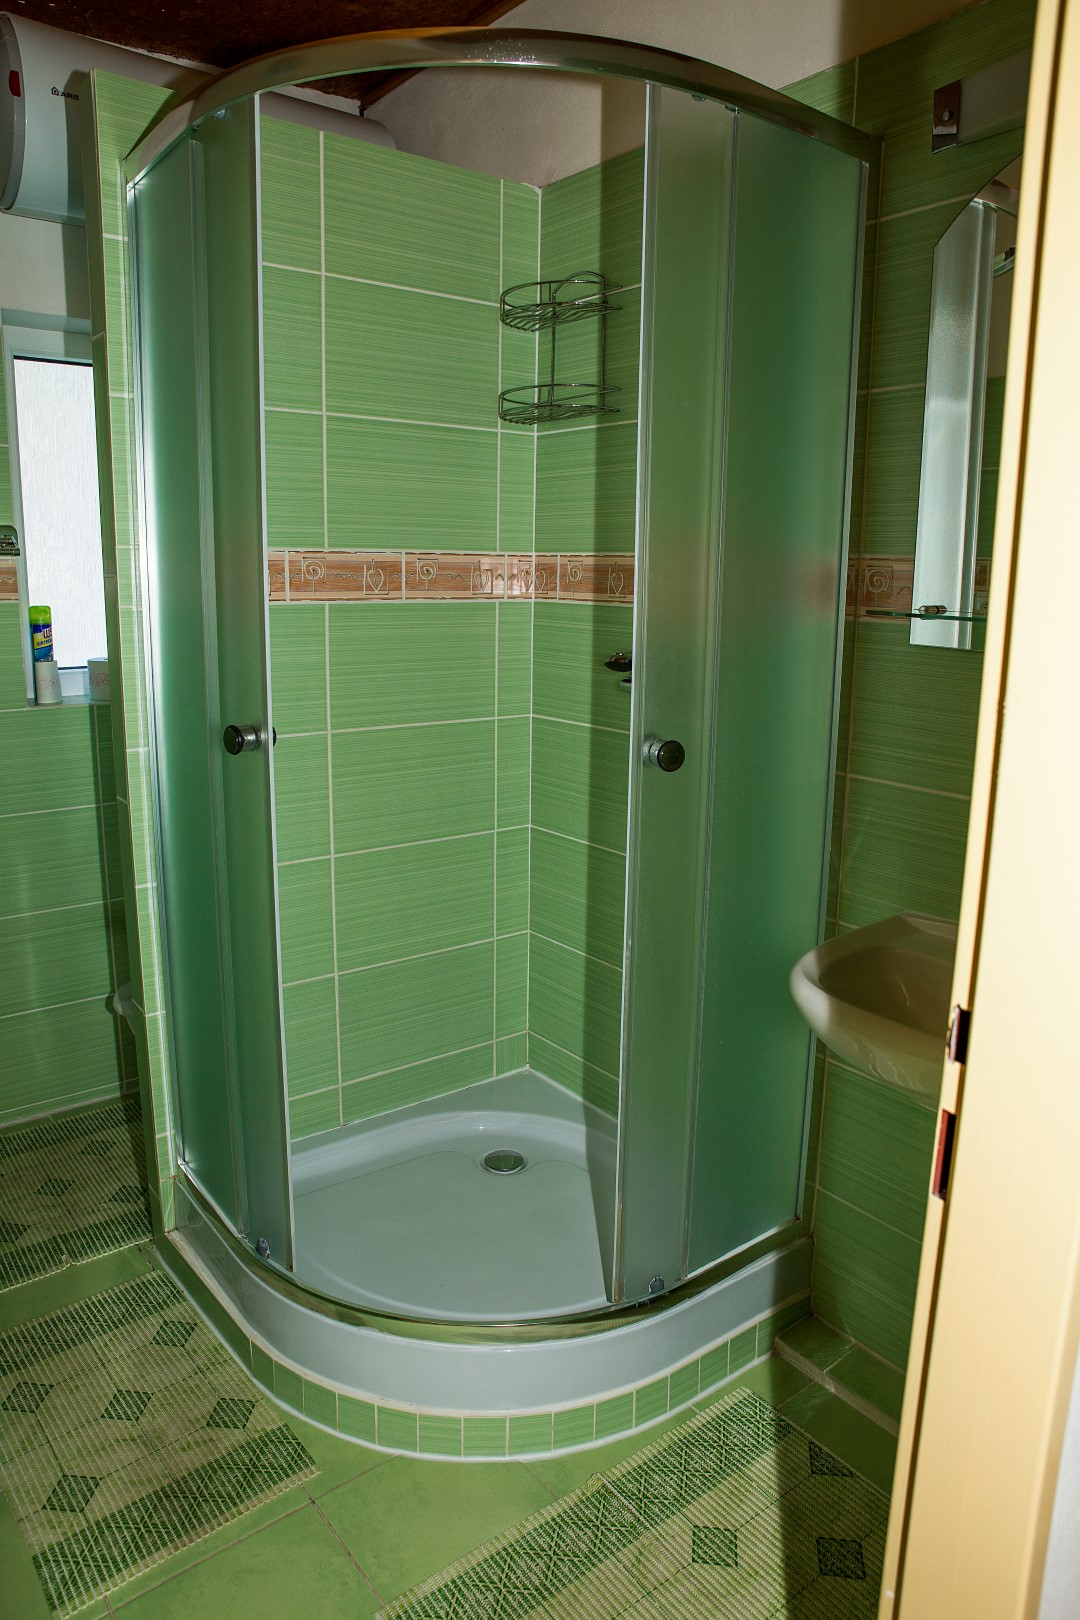 Apartmán 2 lůžka (patro) - sprchový kout